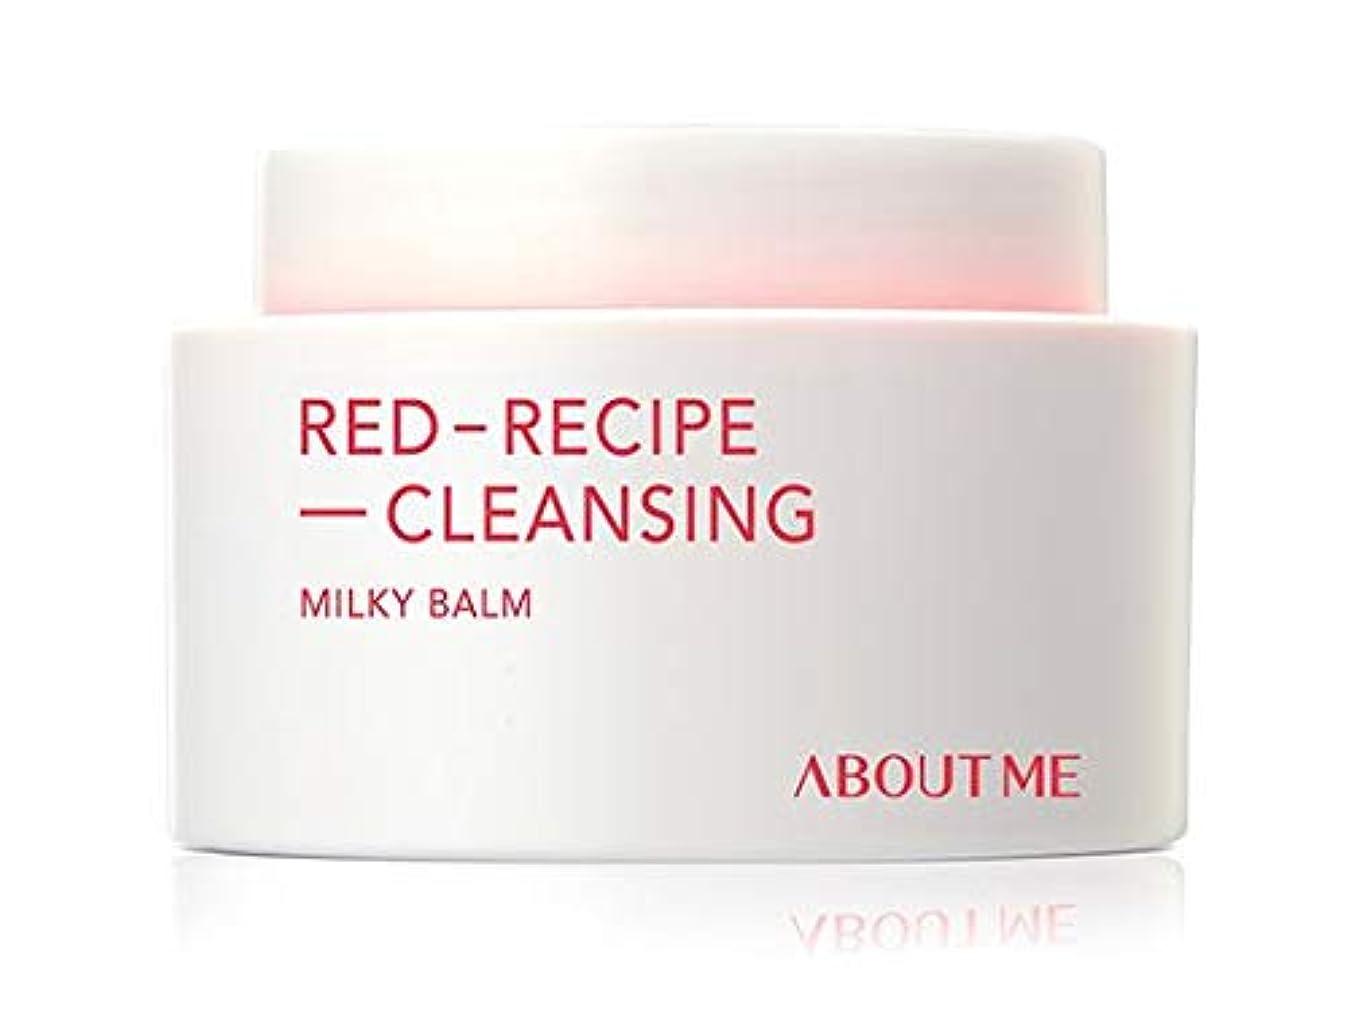 であること指定羊の服を着た狼[ABOUT ME] RED RECIPE CLEANSING MILKY BALM 90ml / [アバウトミー] レッド レシピ クレンジング ミルキー バーム 90ml [並行輸入品]